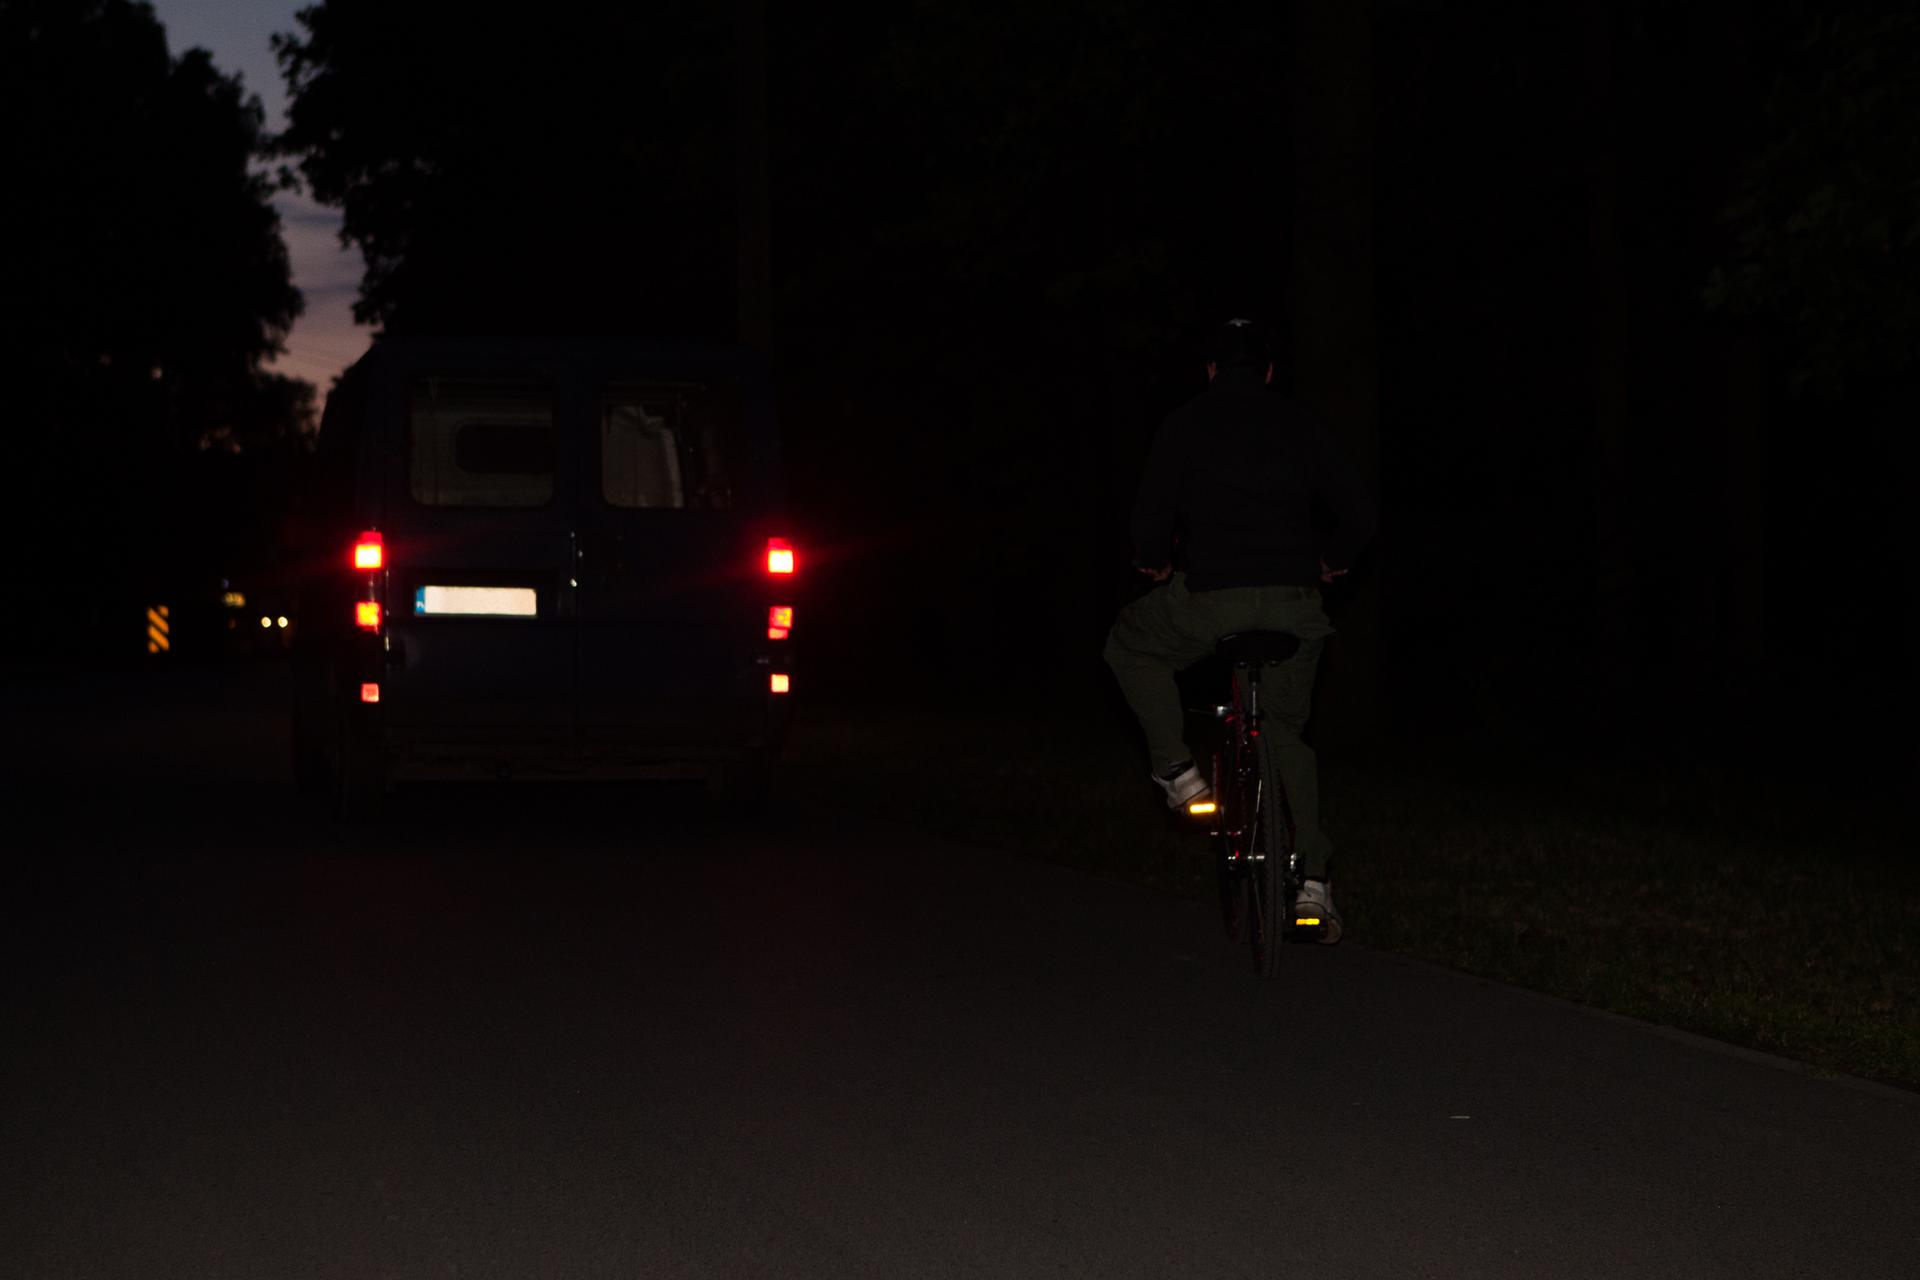 Rowerzysta nocą bez elementów odblaskowych, prawie niewidoczny